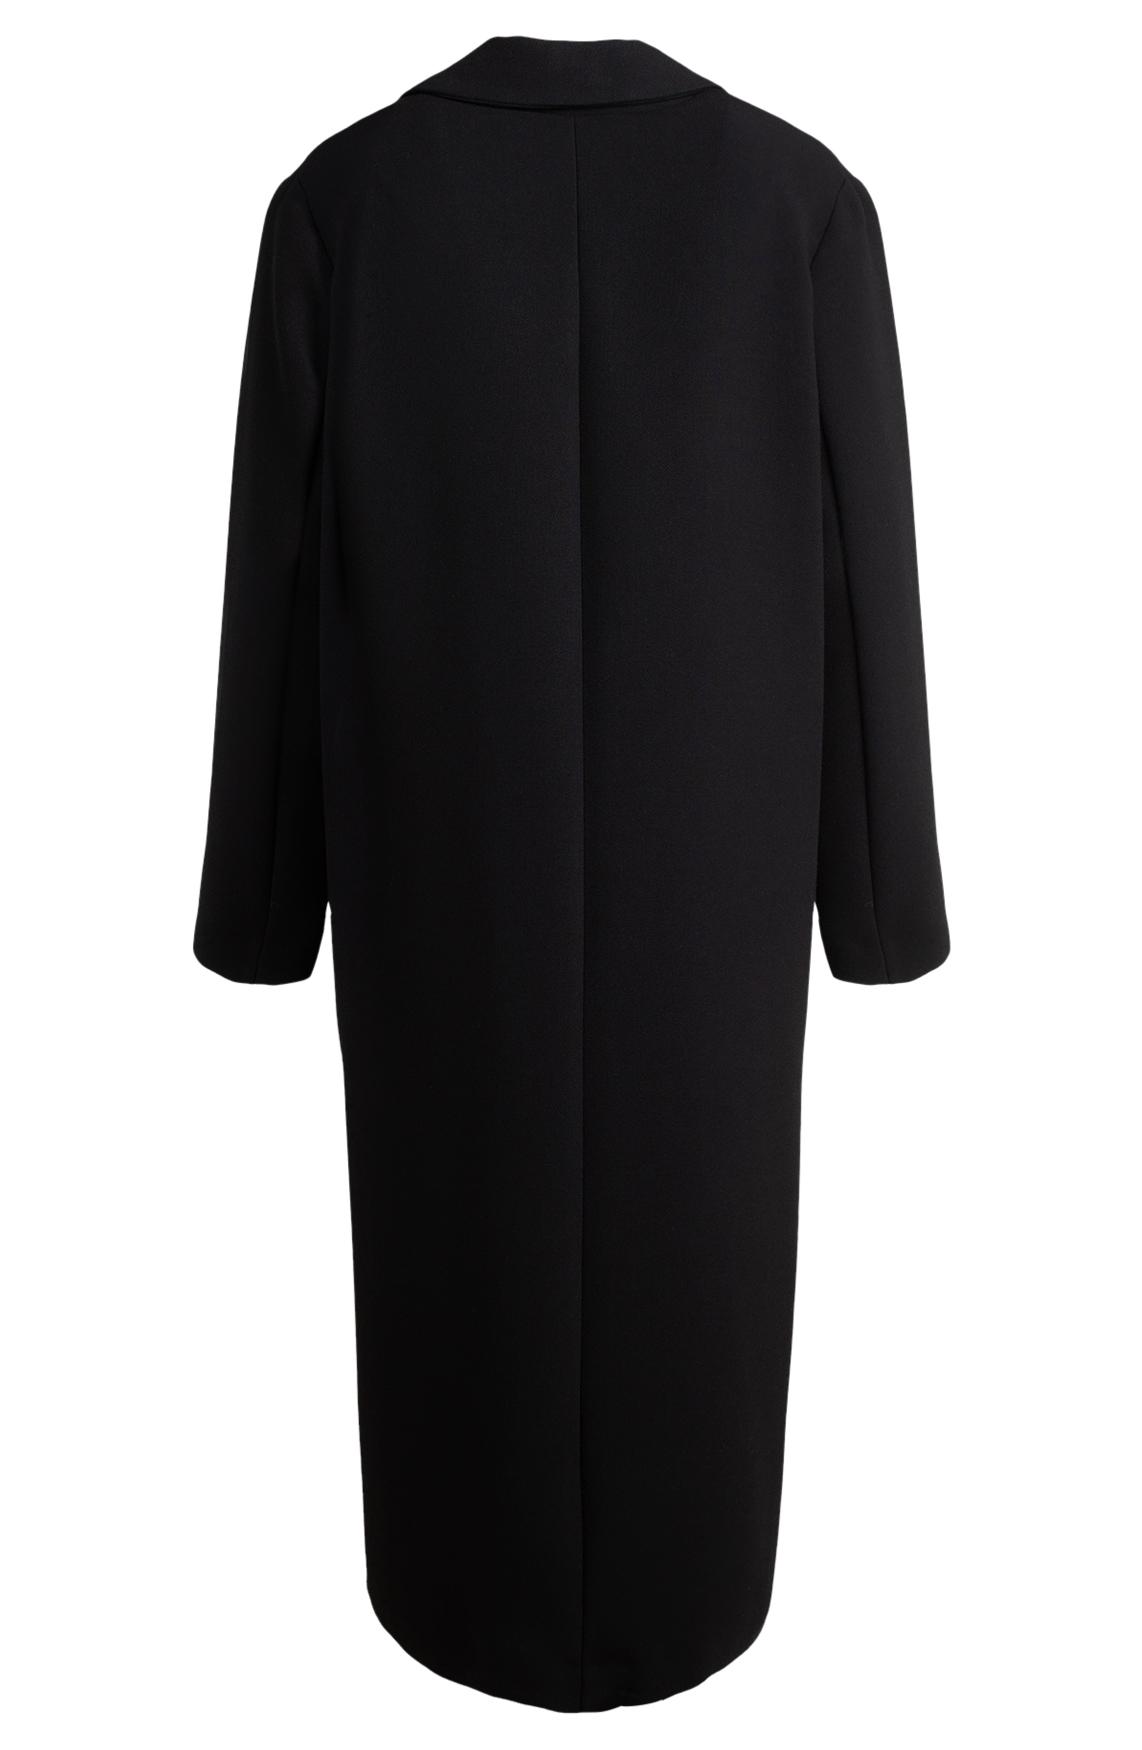 Kocca Dames Dimity mantel zwart